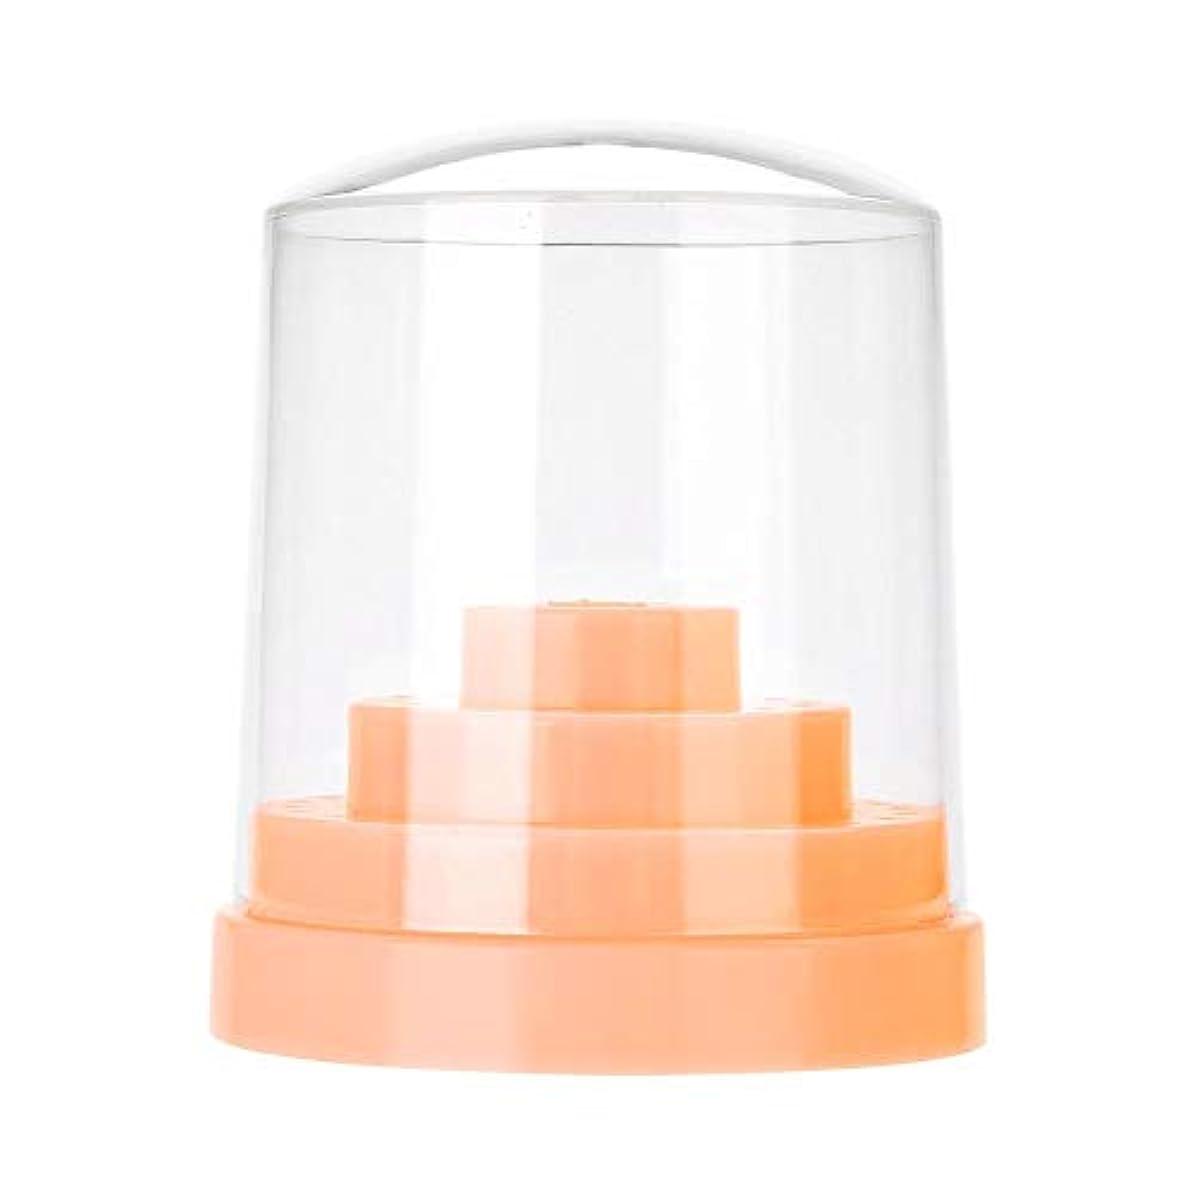 頑固な発明発言するネイルドリルスタンド、48穴ネイルアートプラスチックネイルケアドリルスタンドホルダードリルビットディスプレイオーガナイザーボックスアートアクセサリー(オレンジ)